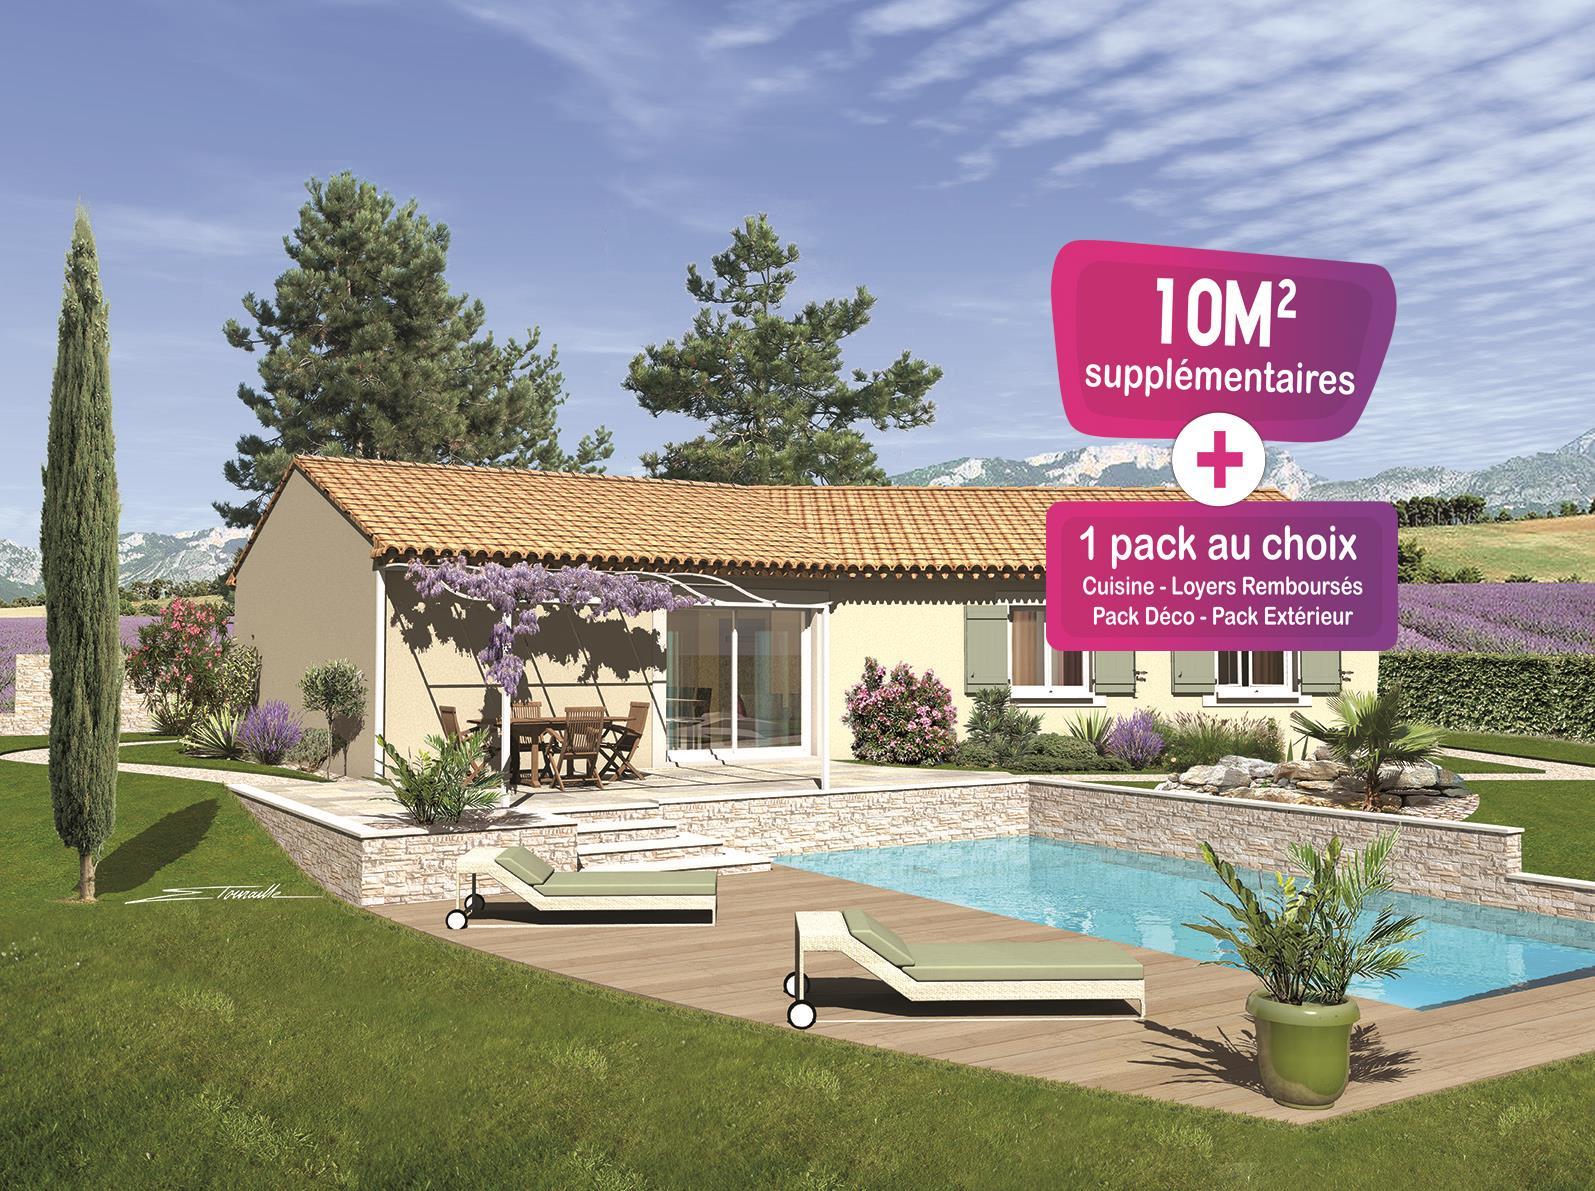 Maisons + Terrains du constructeur MAISONS PUNCH • 86 m² • TRESQUES